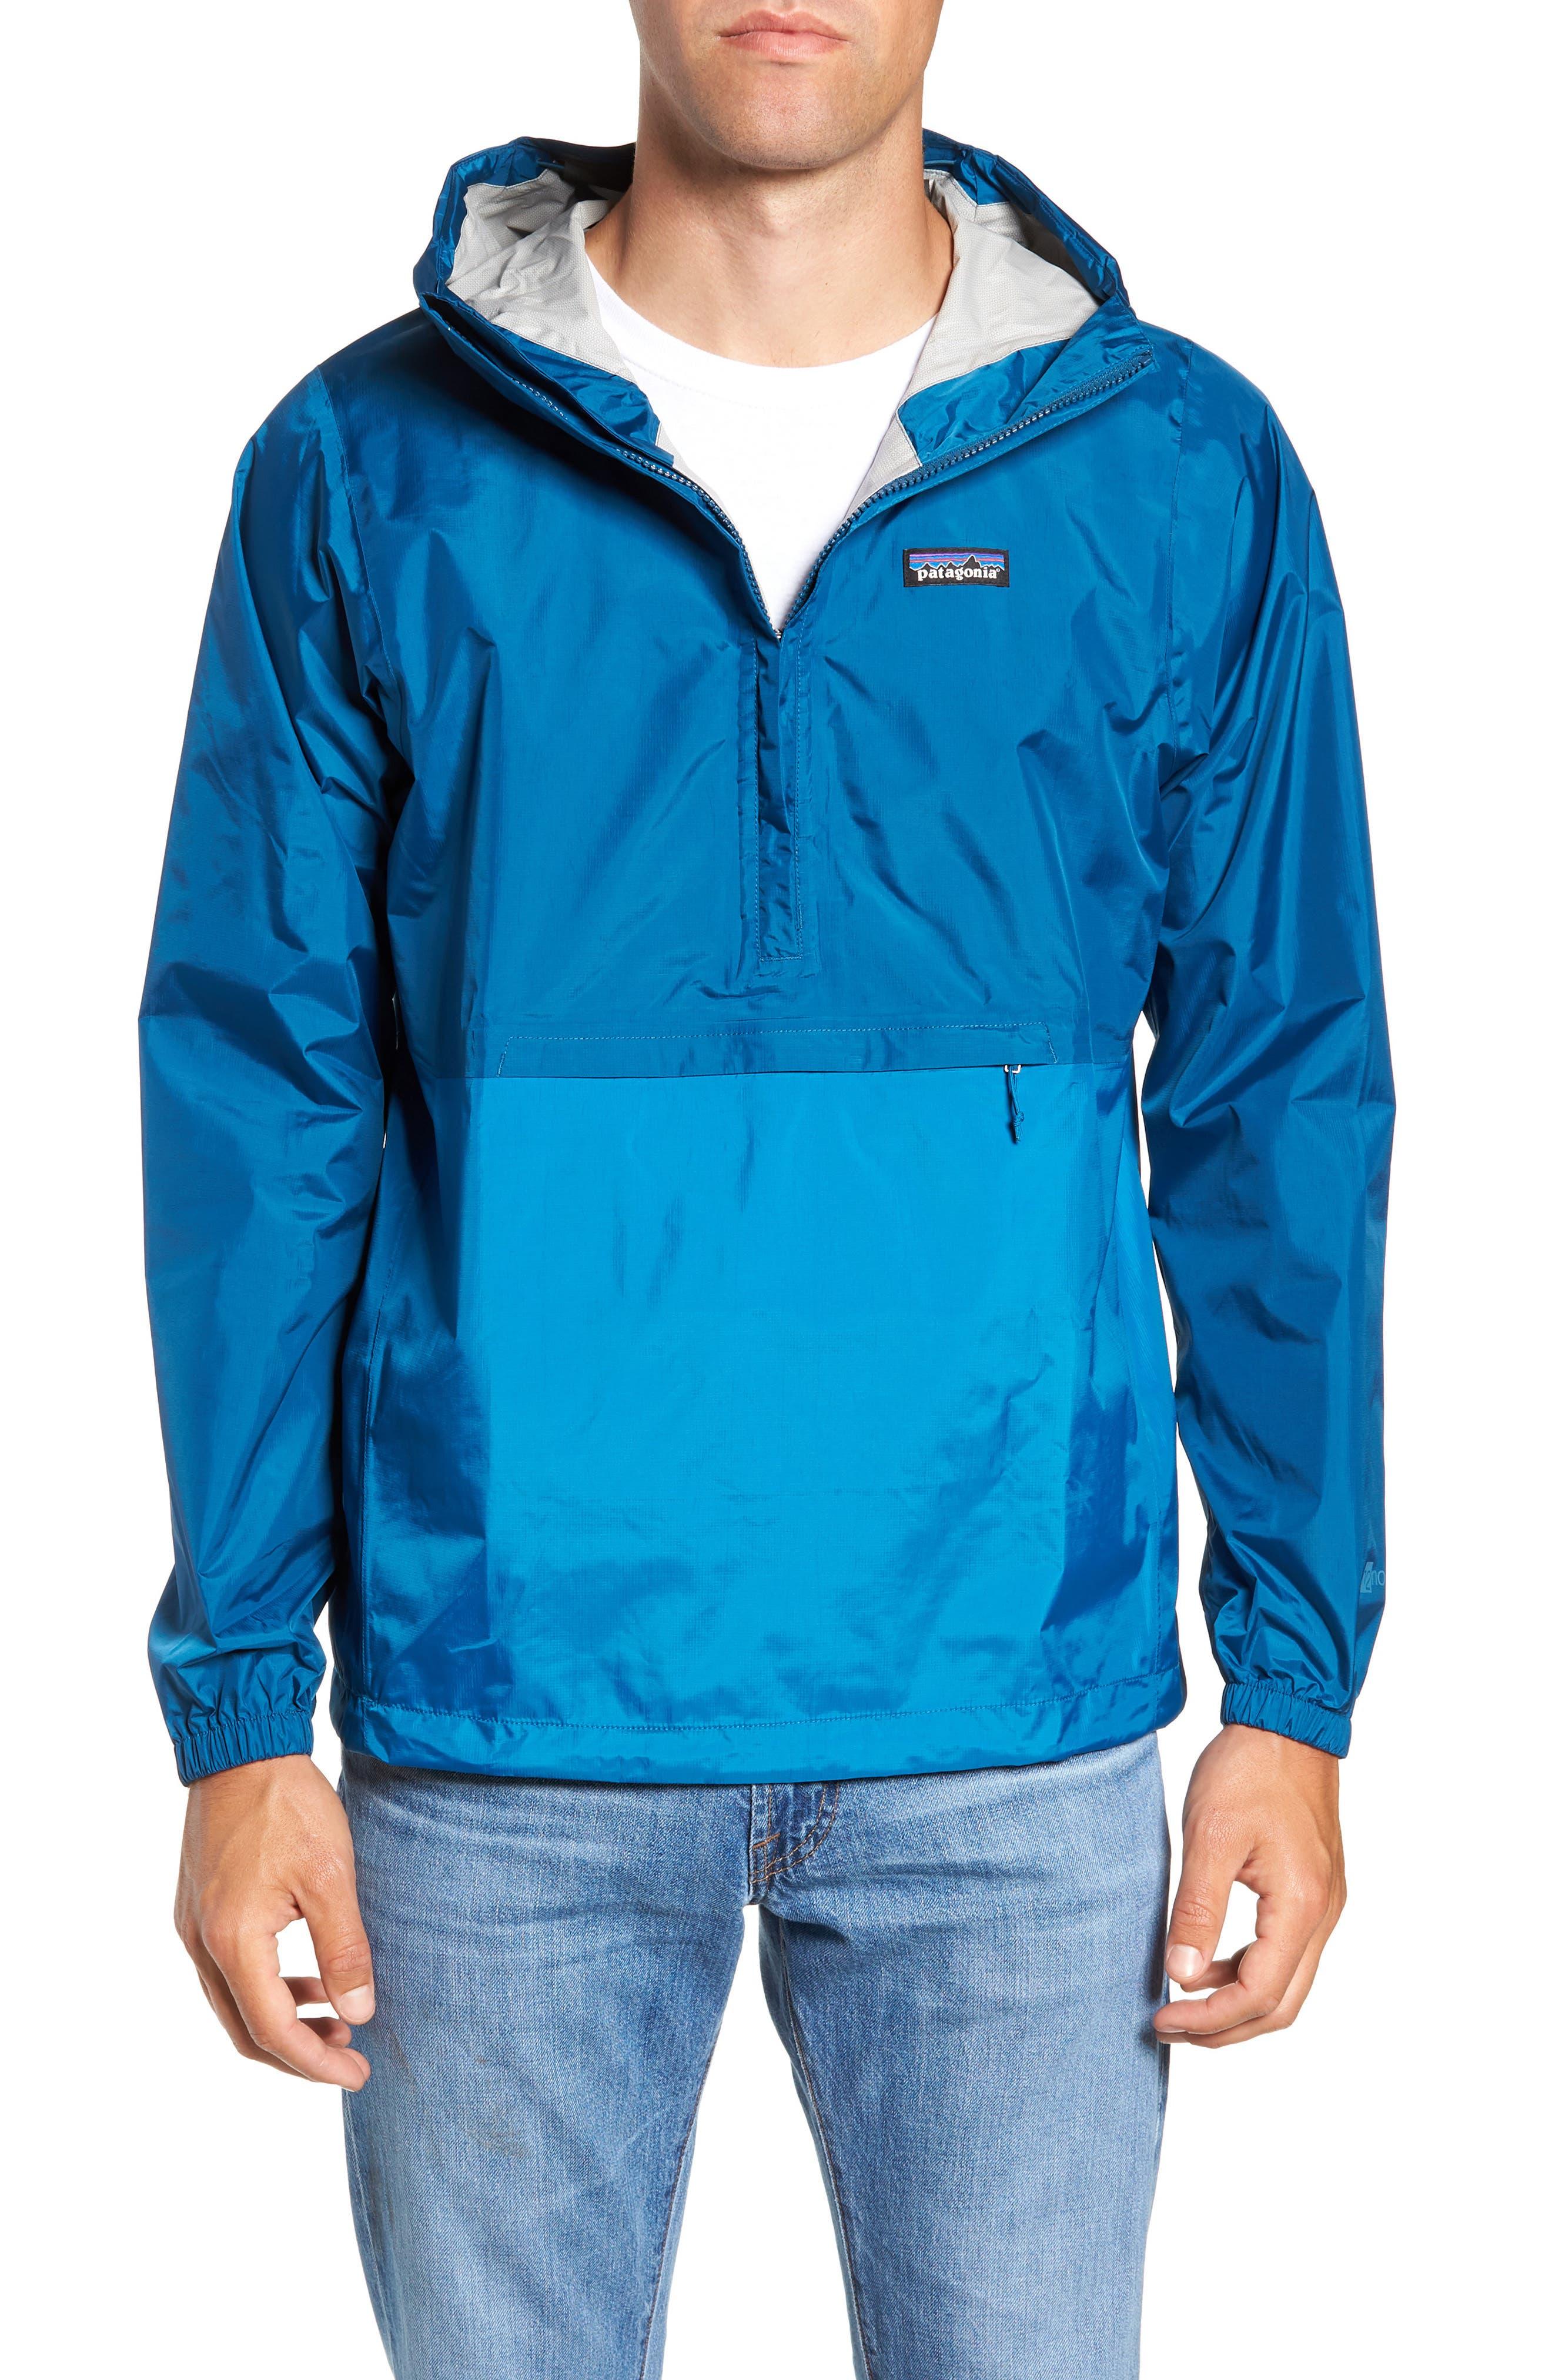 Patagonia Torrentshell Packable Regular Fit Rain Jacket